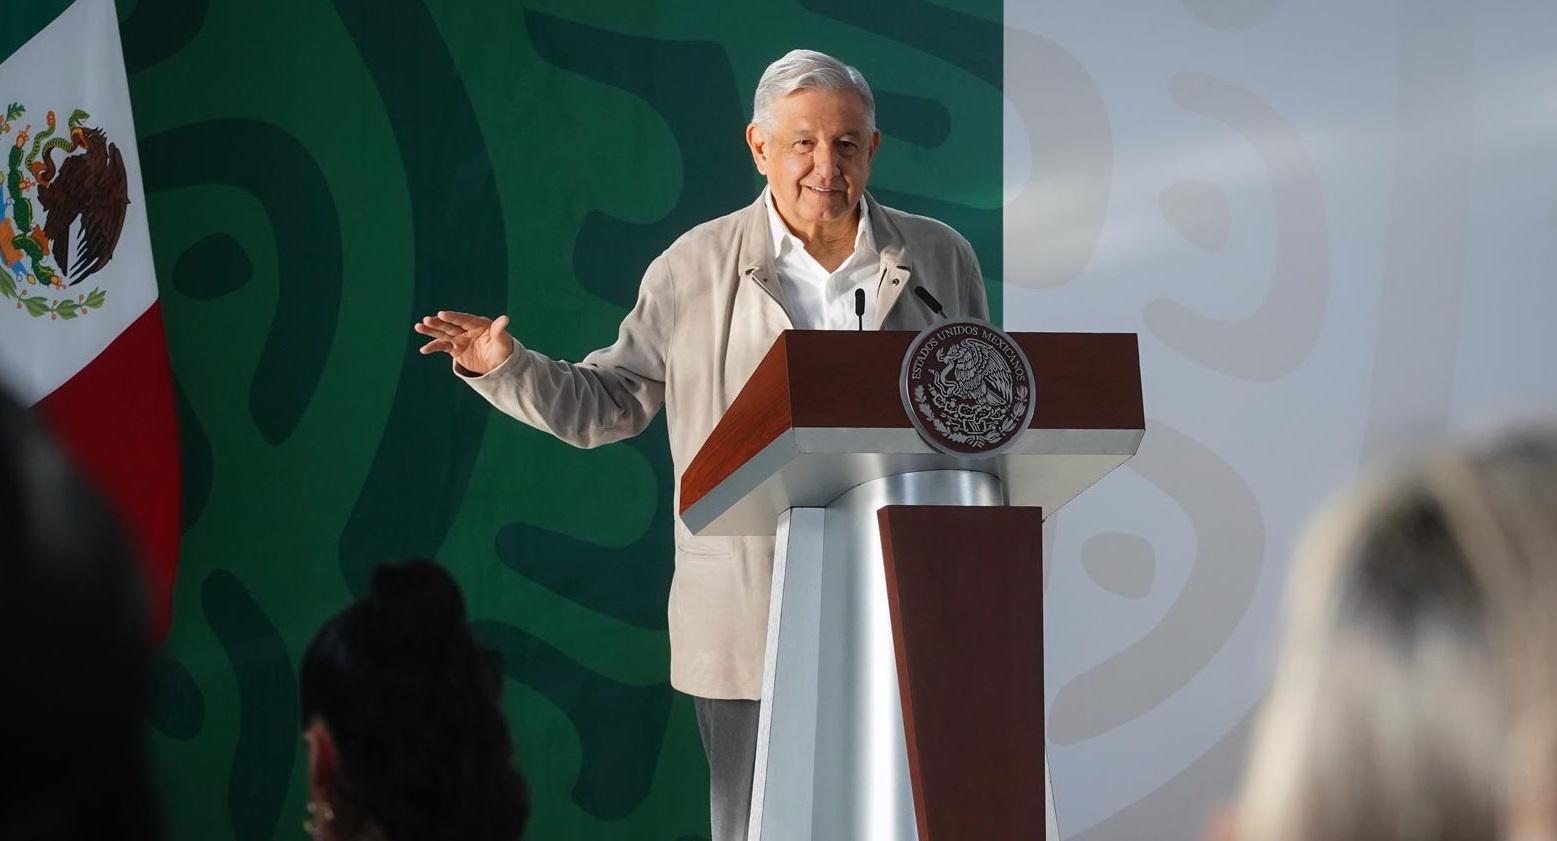 Presentan acciones para atender afectaciones en Veracruz por huracan Grace apoyos seran directos y sin limite presupuestal afirma Lopez Obrador